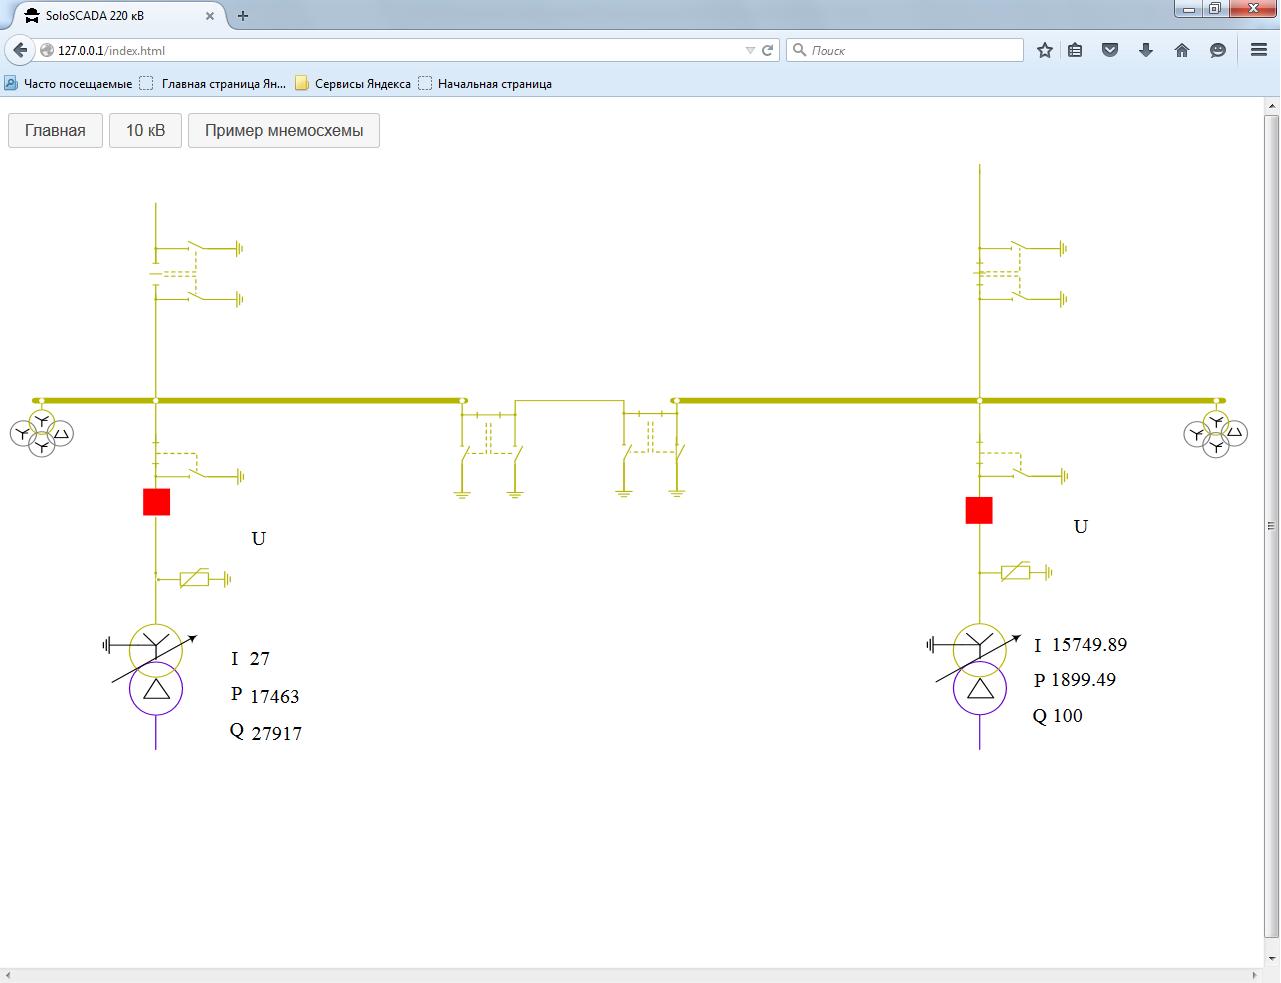 Первые шаги к Web SCADA-системе. Оживляем мнемосхему в браузере с помощью AngularJS - 3